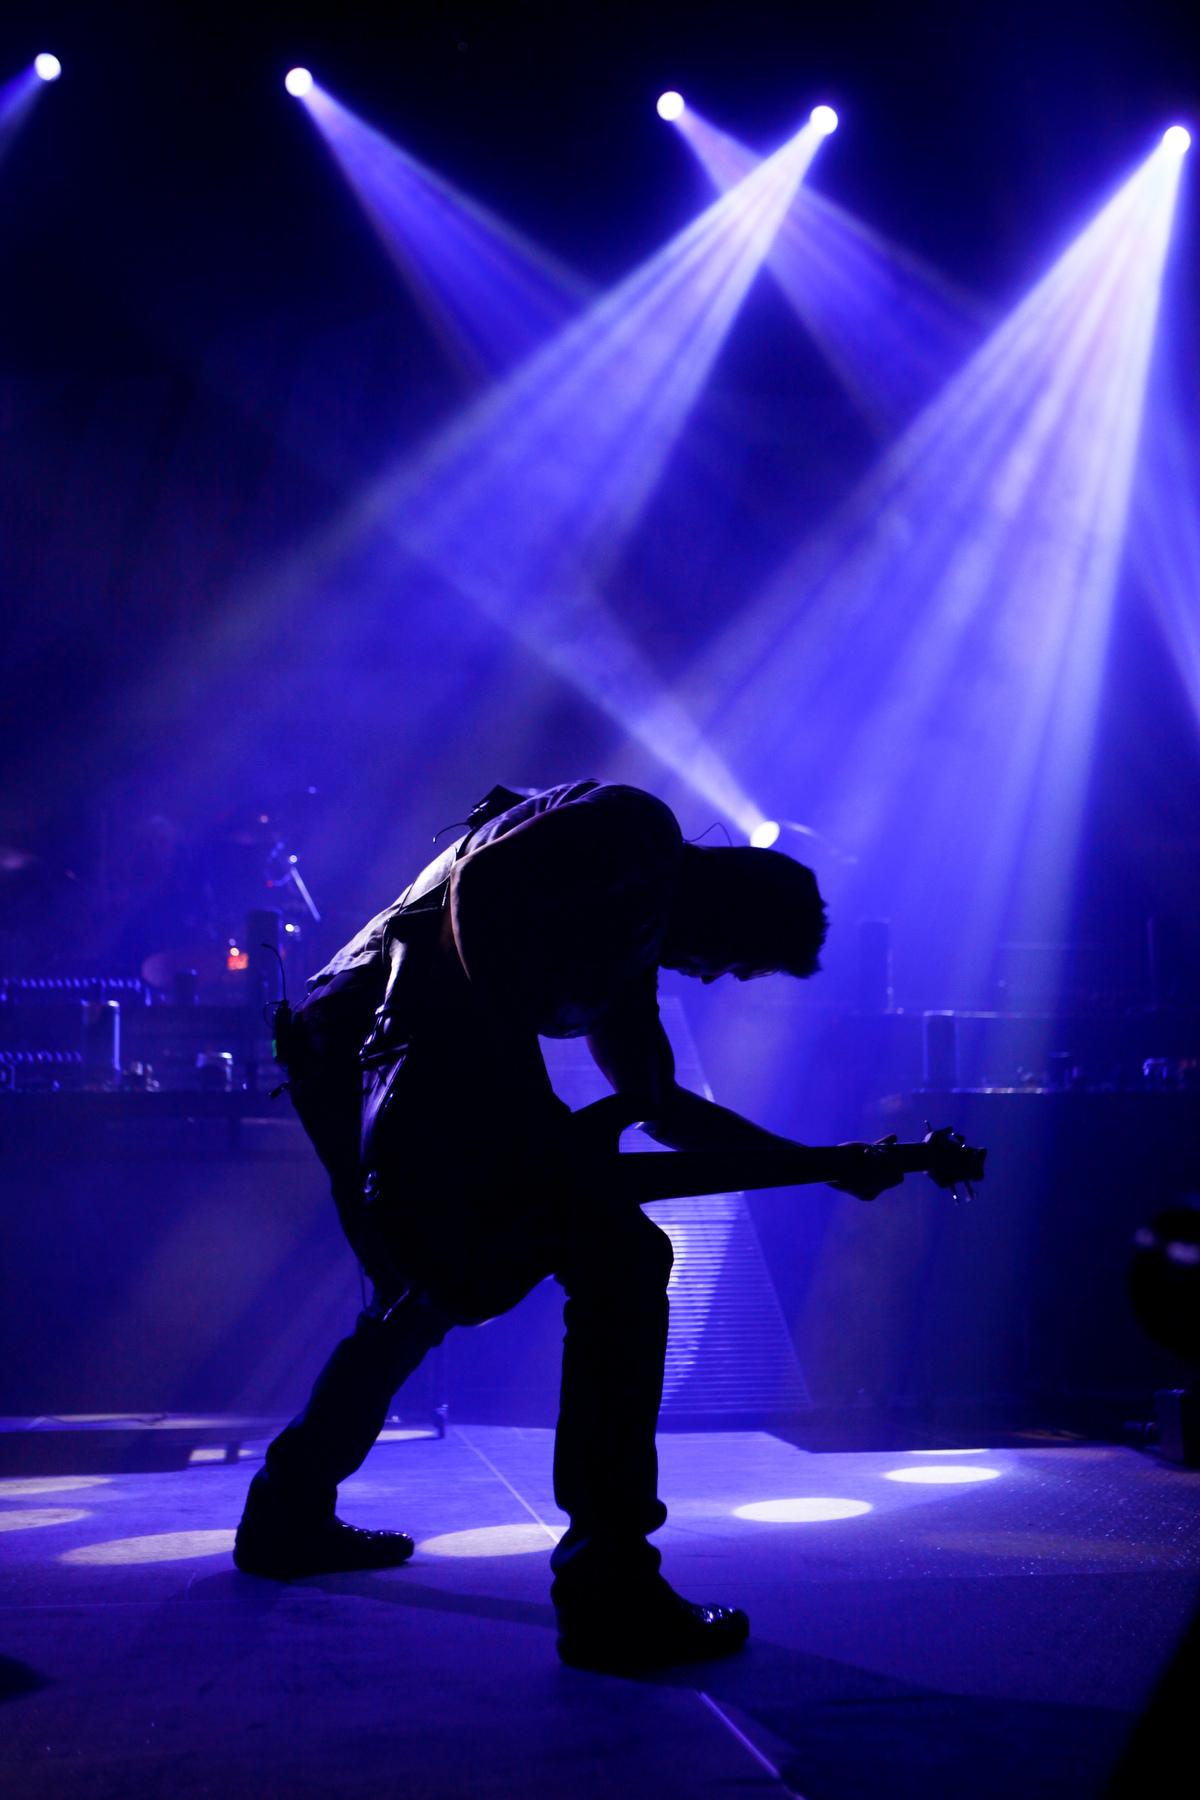 guitarist performing live